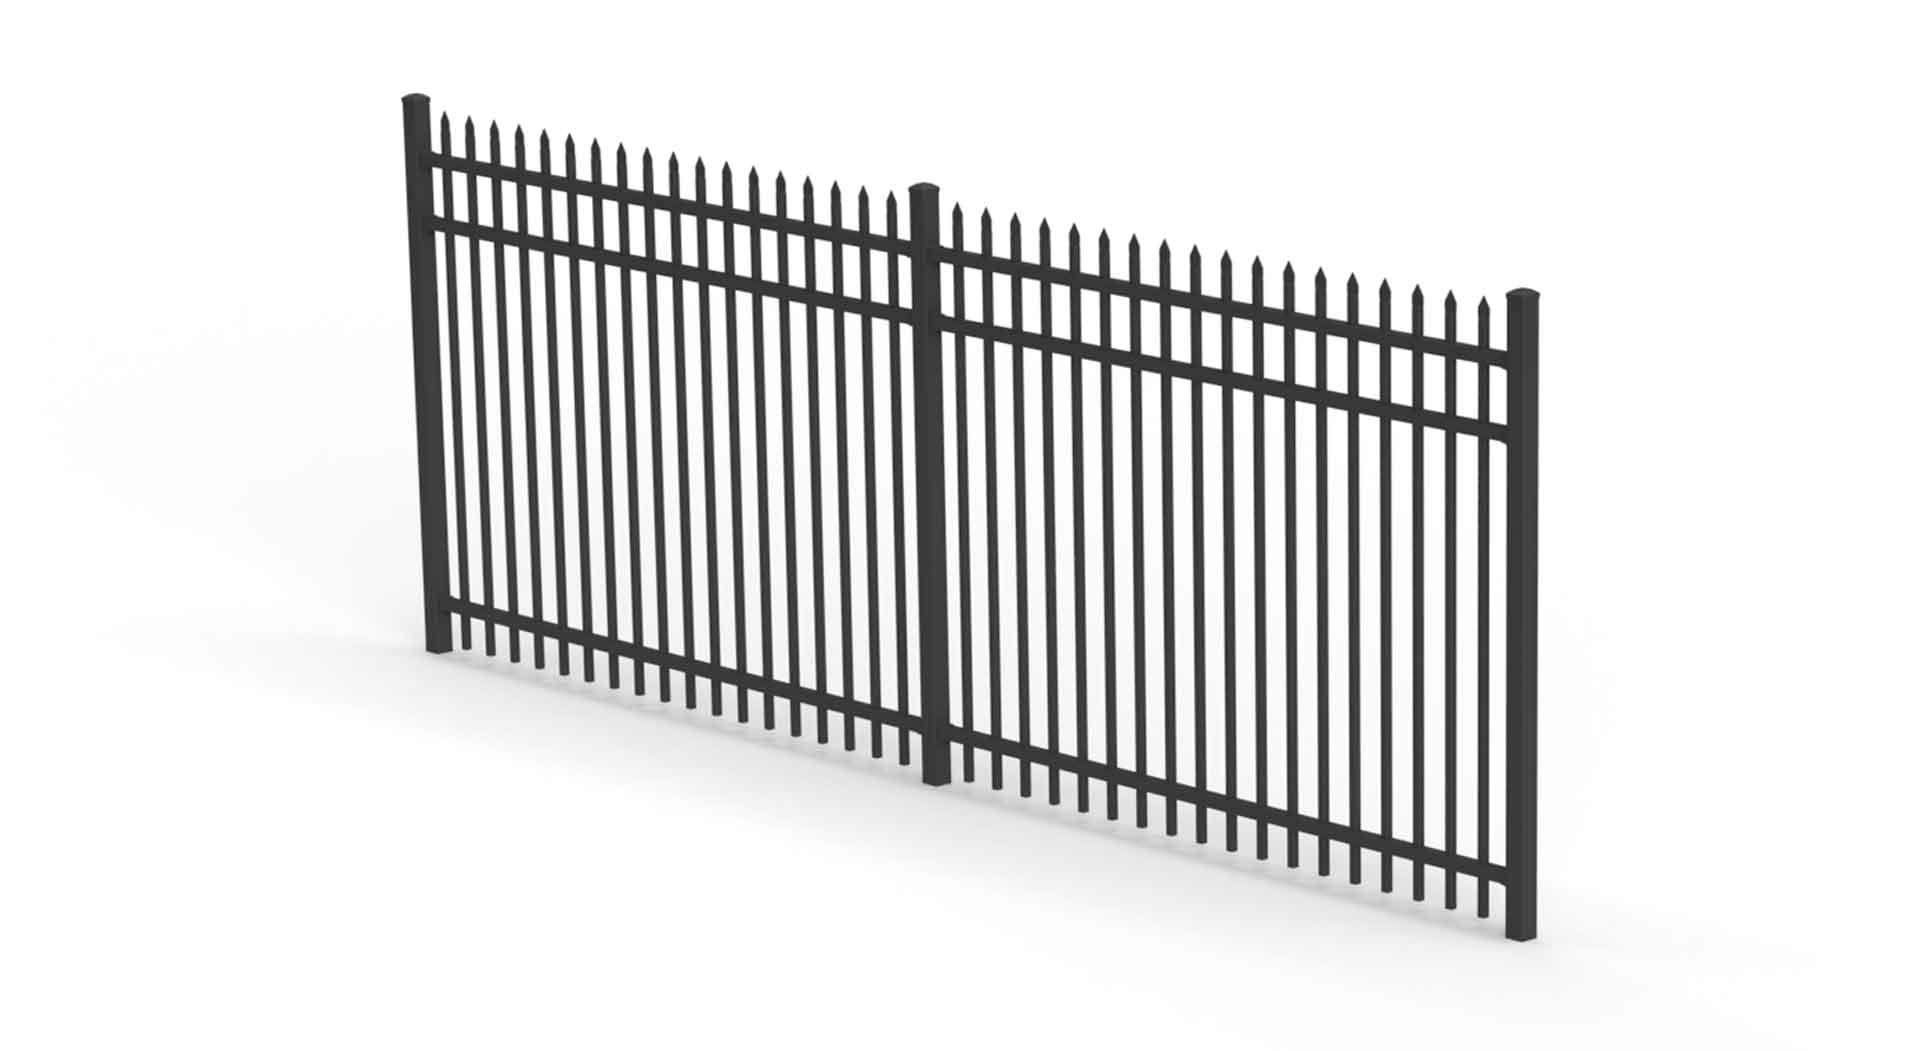 secura fence panel security aluminium fencing